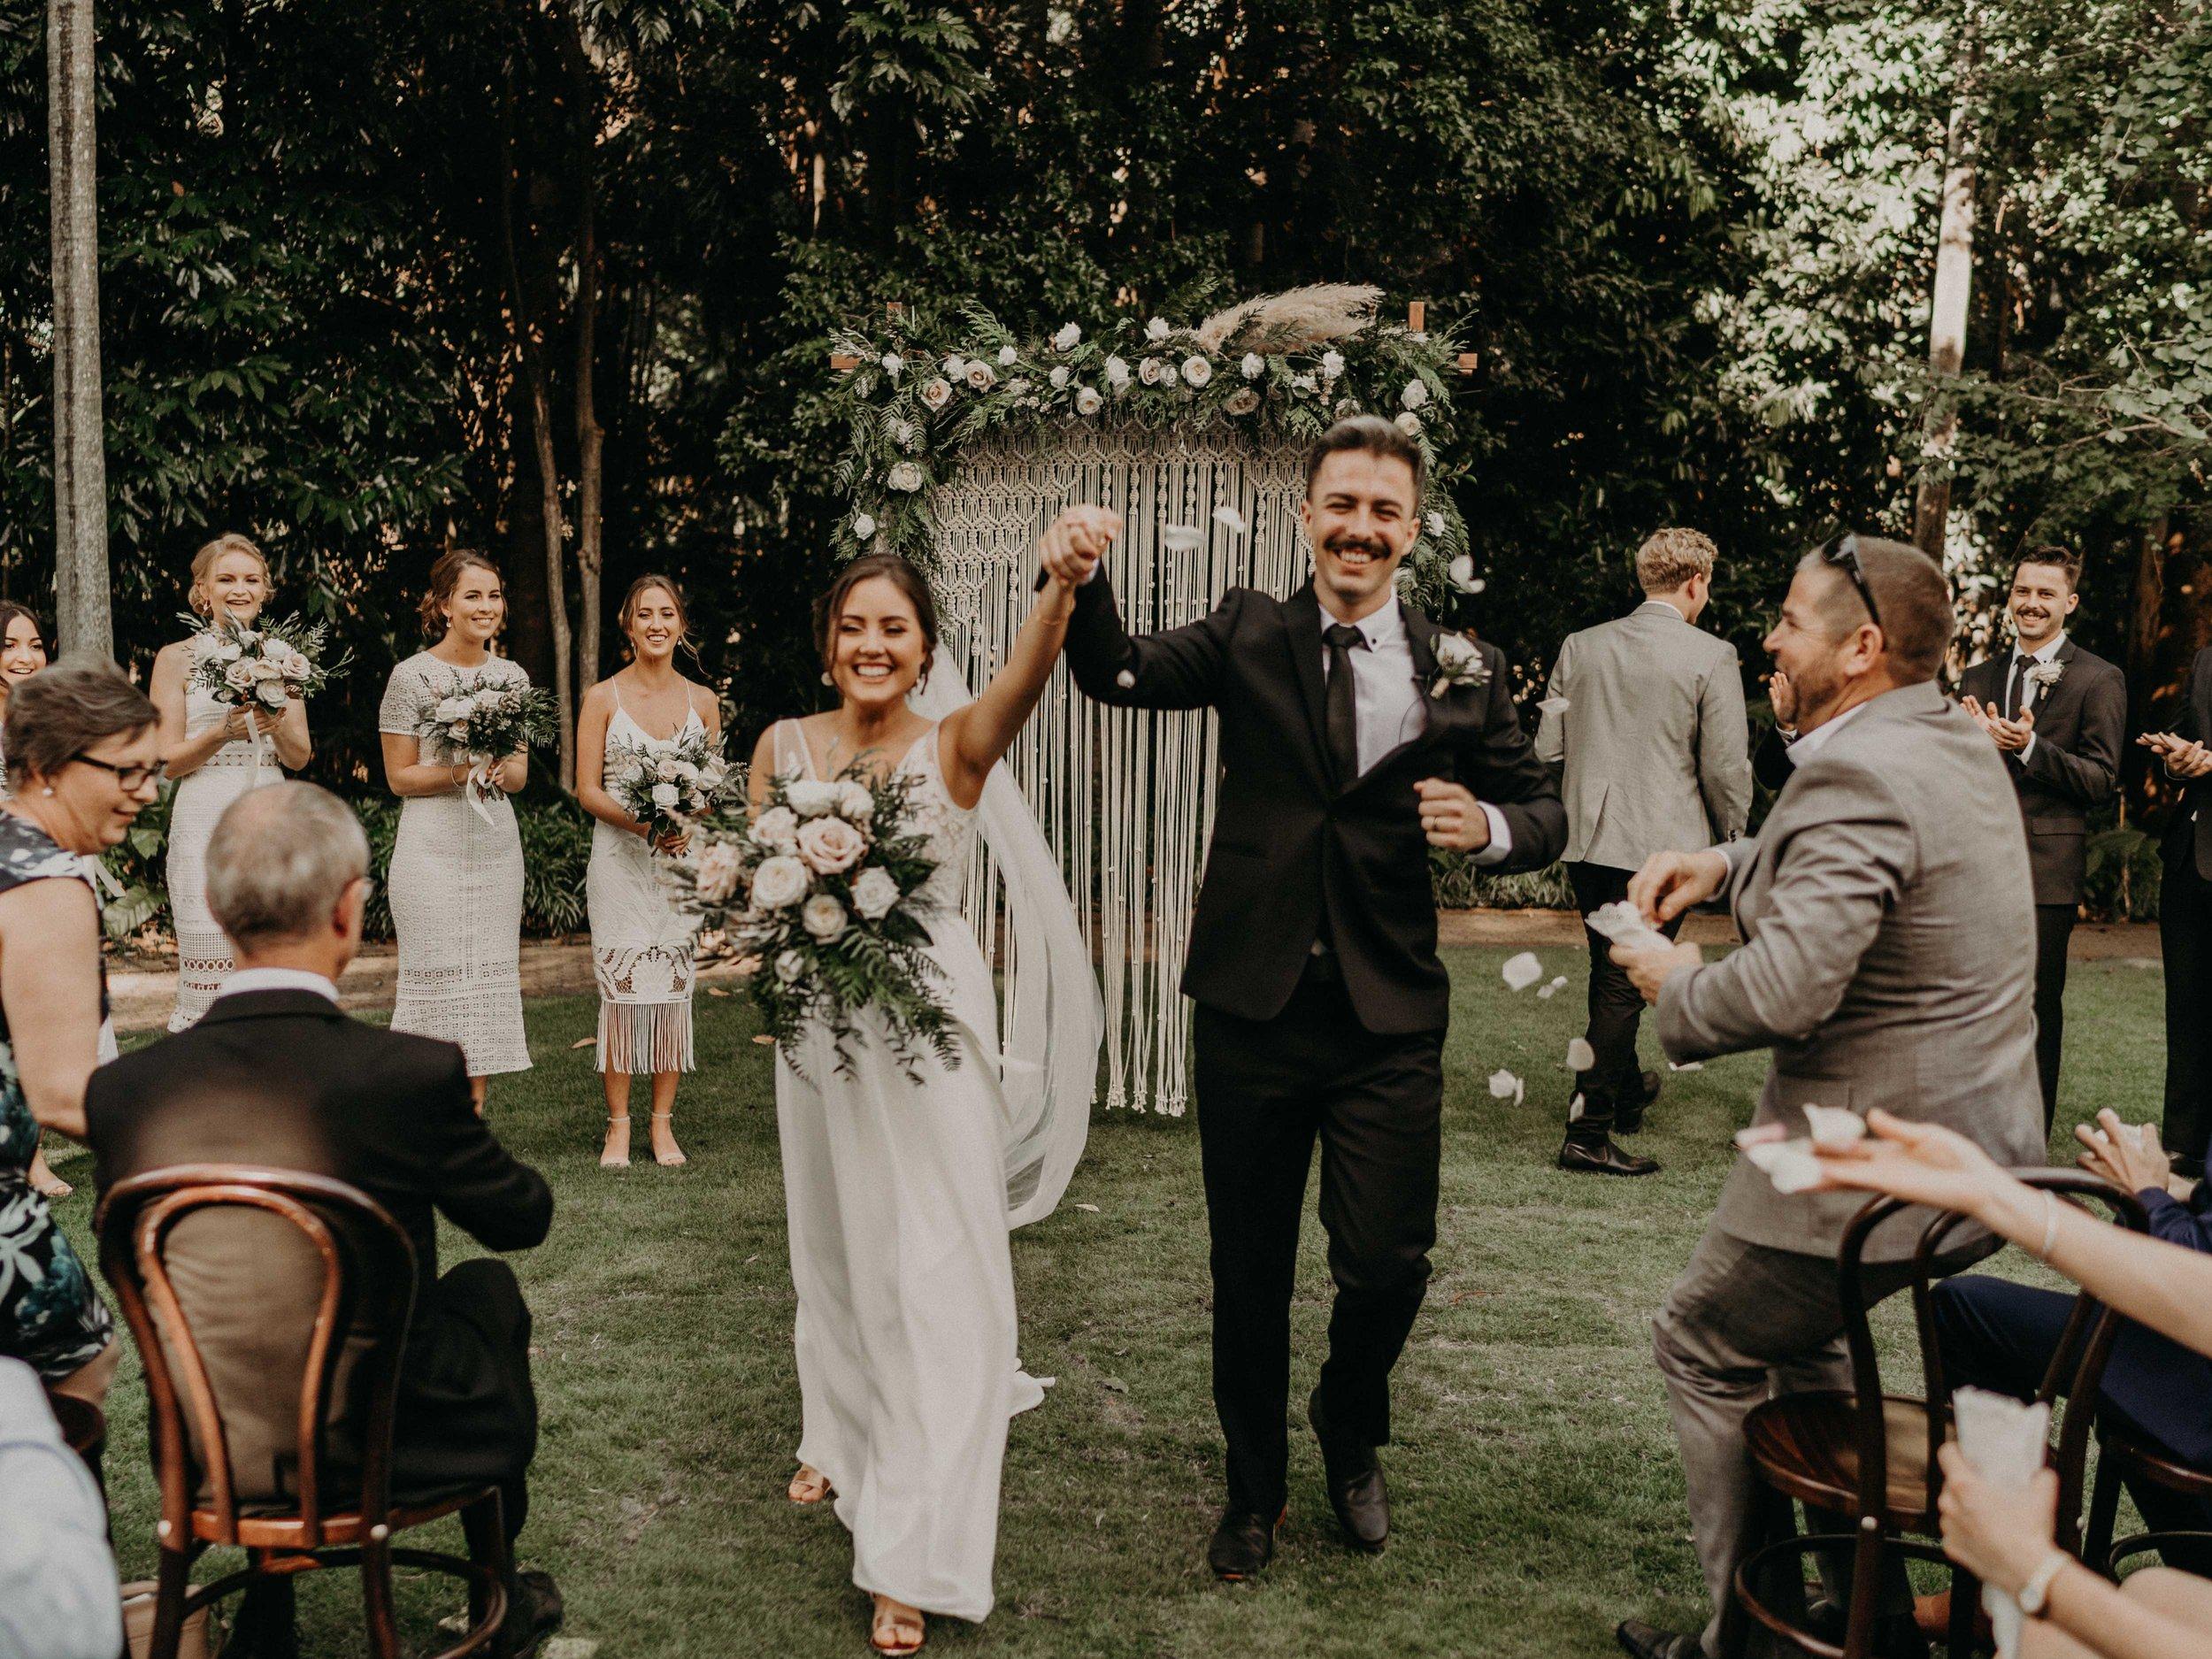 BeauxArtCo_Colette&Norton_Ceremony-195.jpg